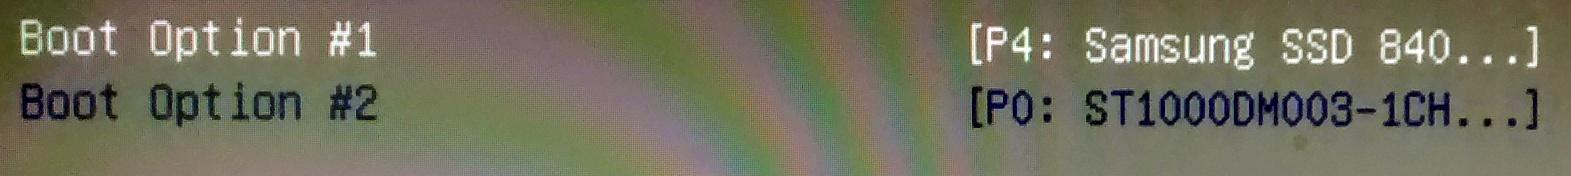 03_Hard Disk Drive BBS Priorities_IMG_20150604_175844114.jpg